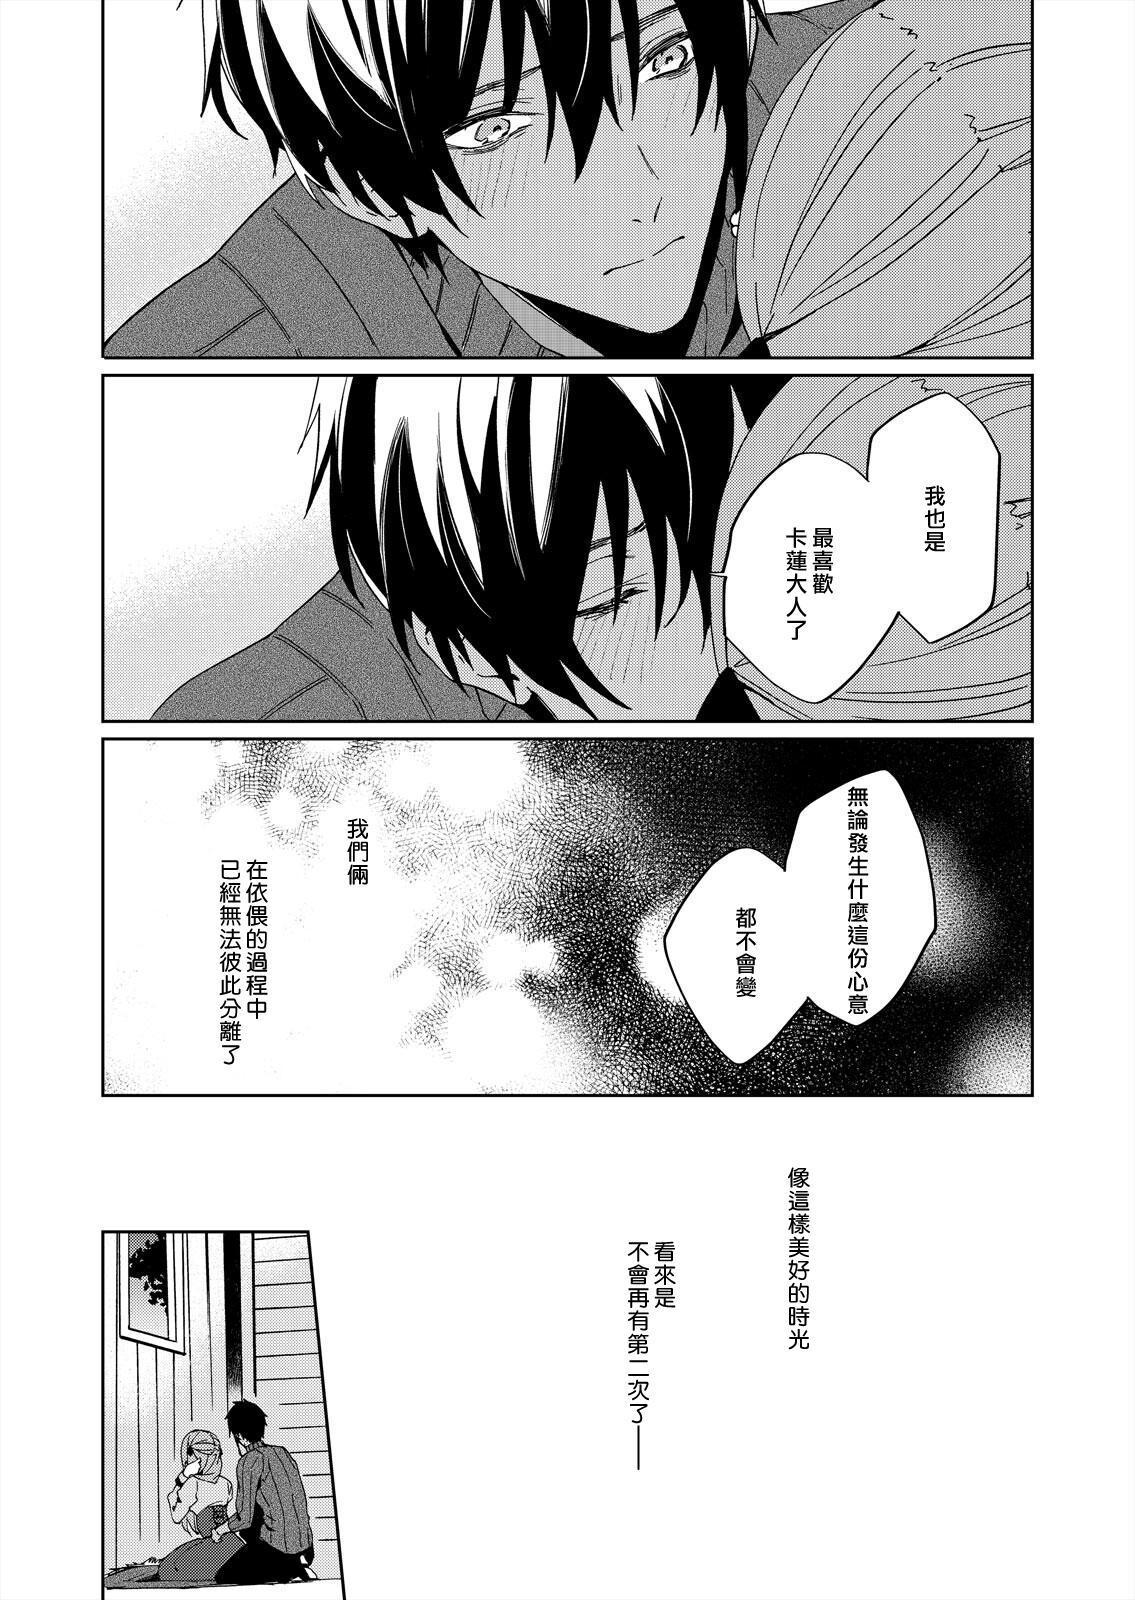 [Yuzushiwo] Akuyaku Reijou wa Ichizu ni Dekiai sarete ~Noumitsu Sex no Aite wa Juuboku~ | 被疯狂溺爱的反派大小姐~浓密性爱对象是仆从~ 1-5 [Chinese] [莉赛特汉化组] 99